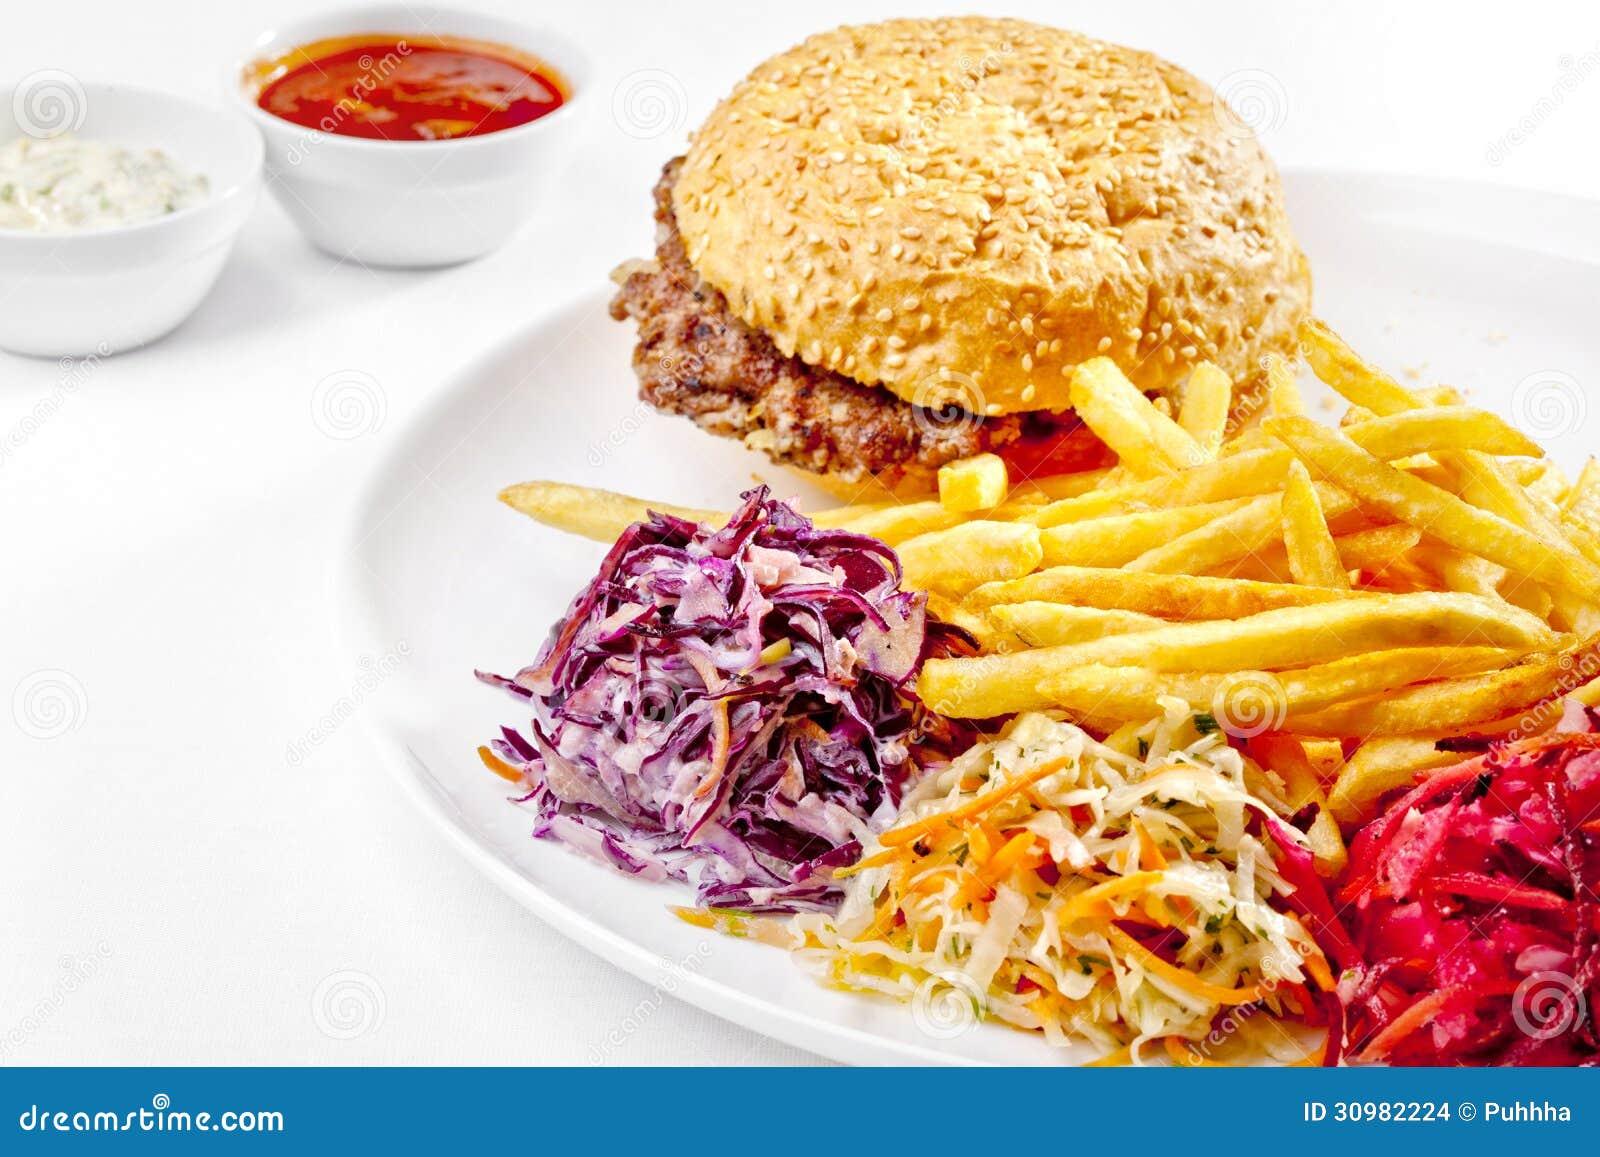 un aliment savoureux grand hamburger pommes frites image de haute qualit photo stock image. Black Bedroom Furniture Sets. Home Design Ideas